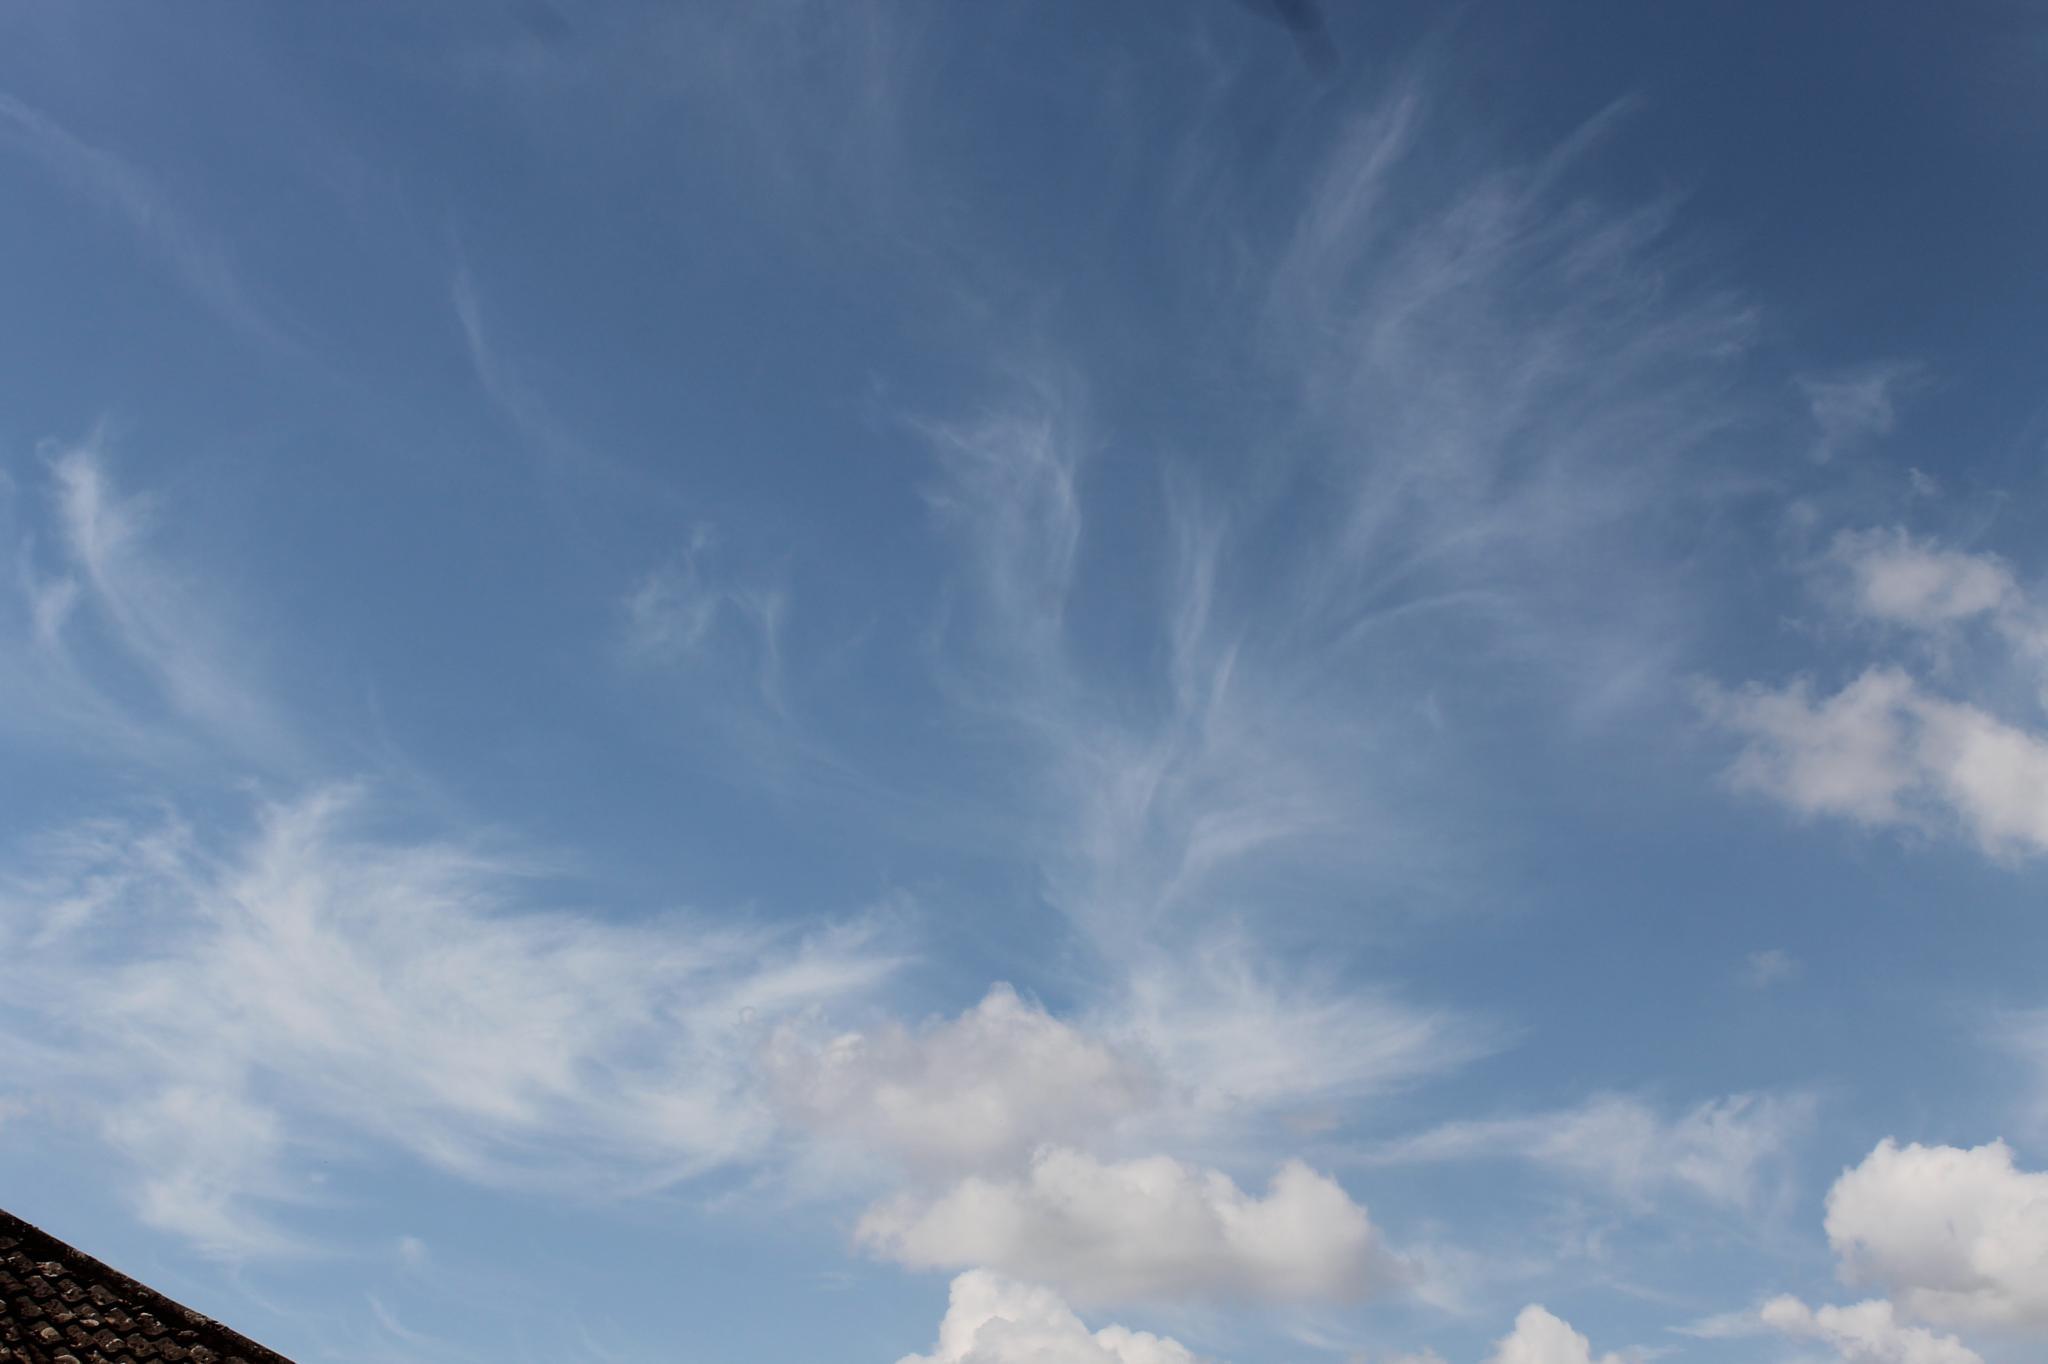 Streaking Sky by Joe Lane